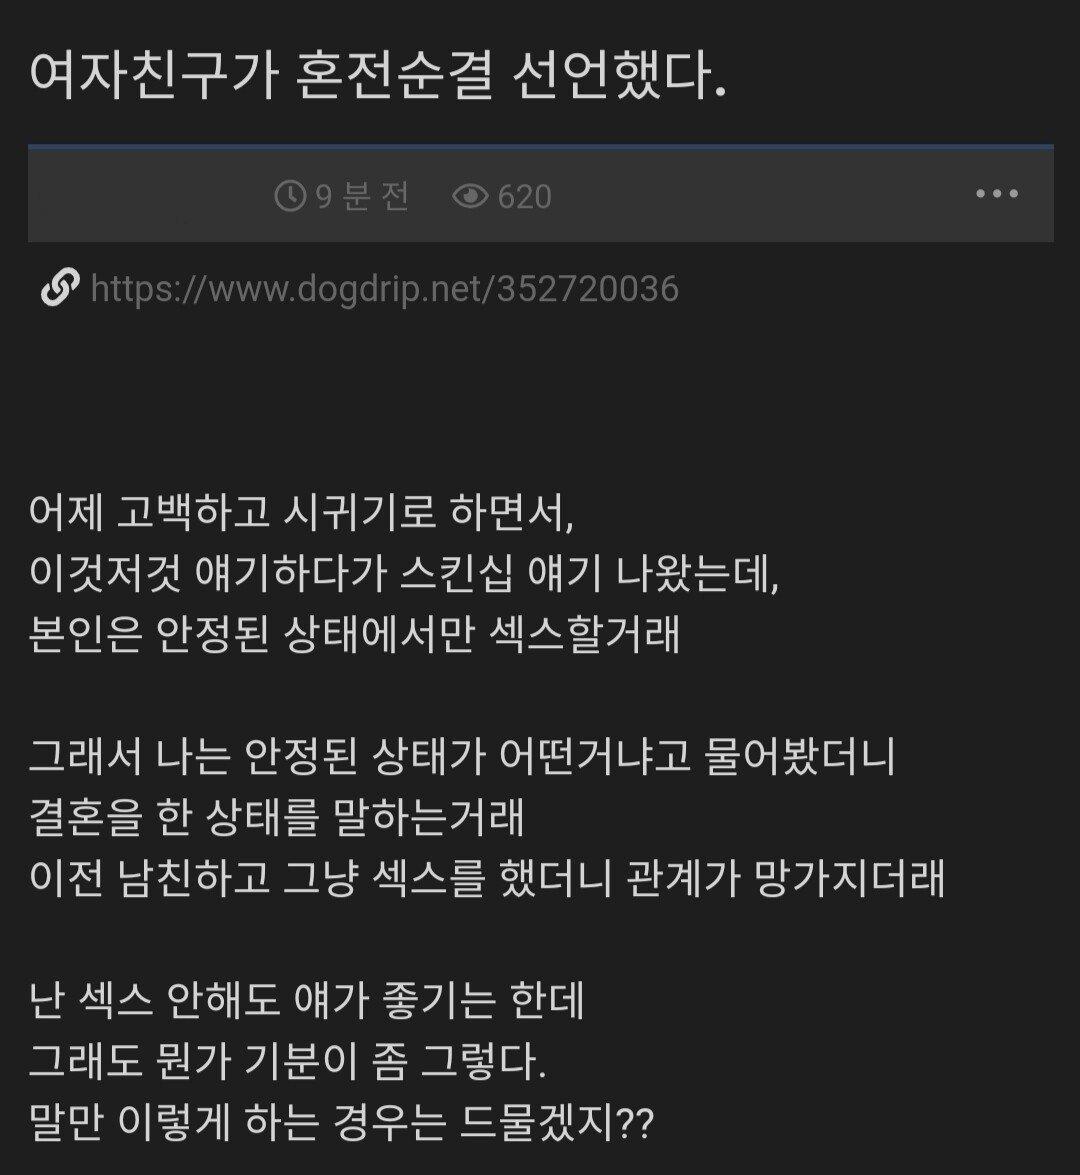 """IMG_20210926_072456.jpg """"여친이 어제 혼전순결 선언했음..."""".jpg"""